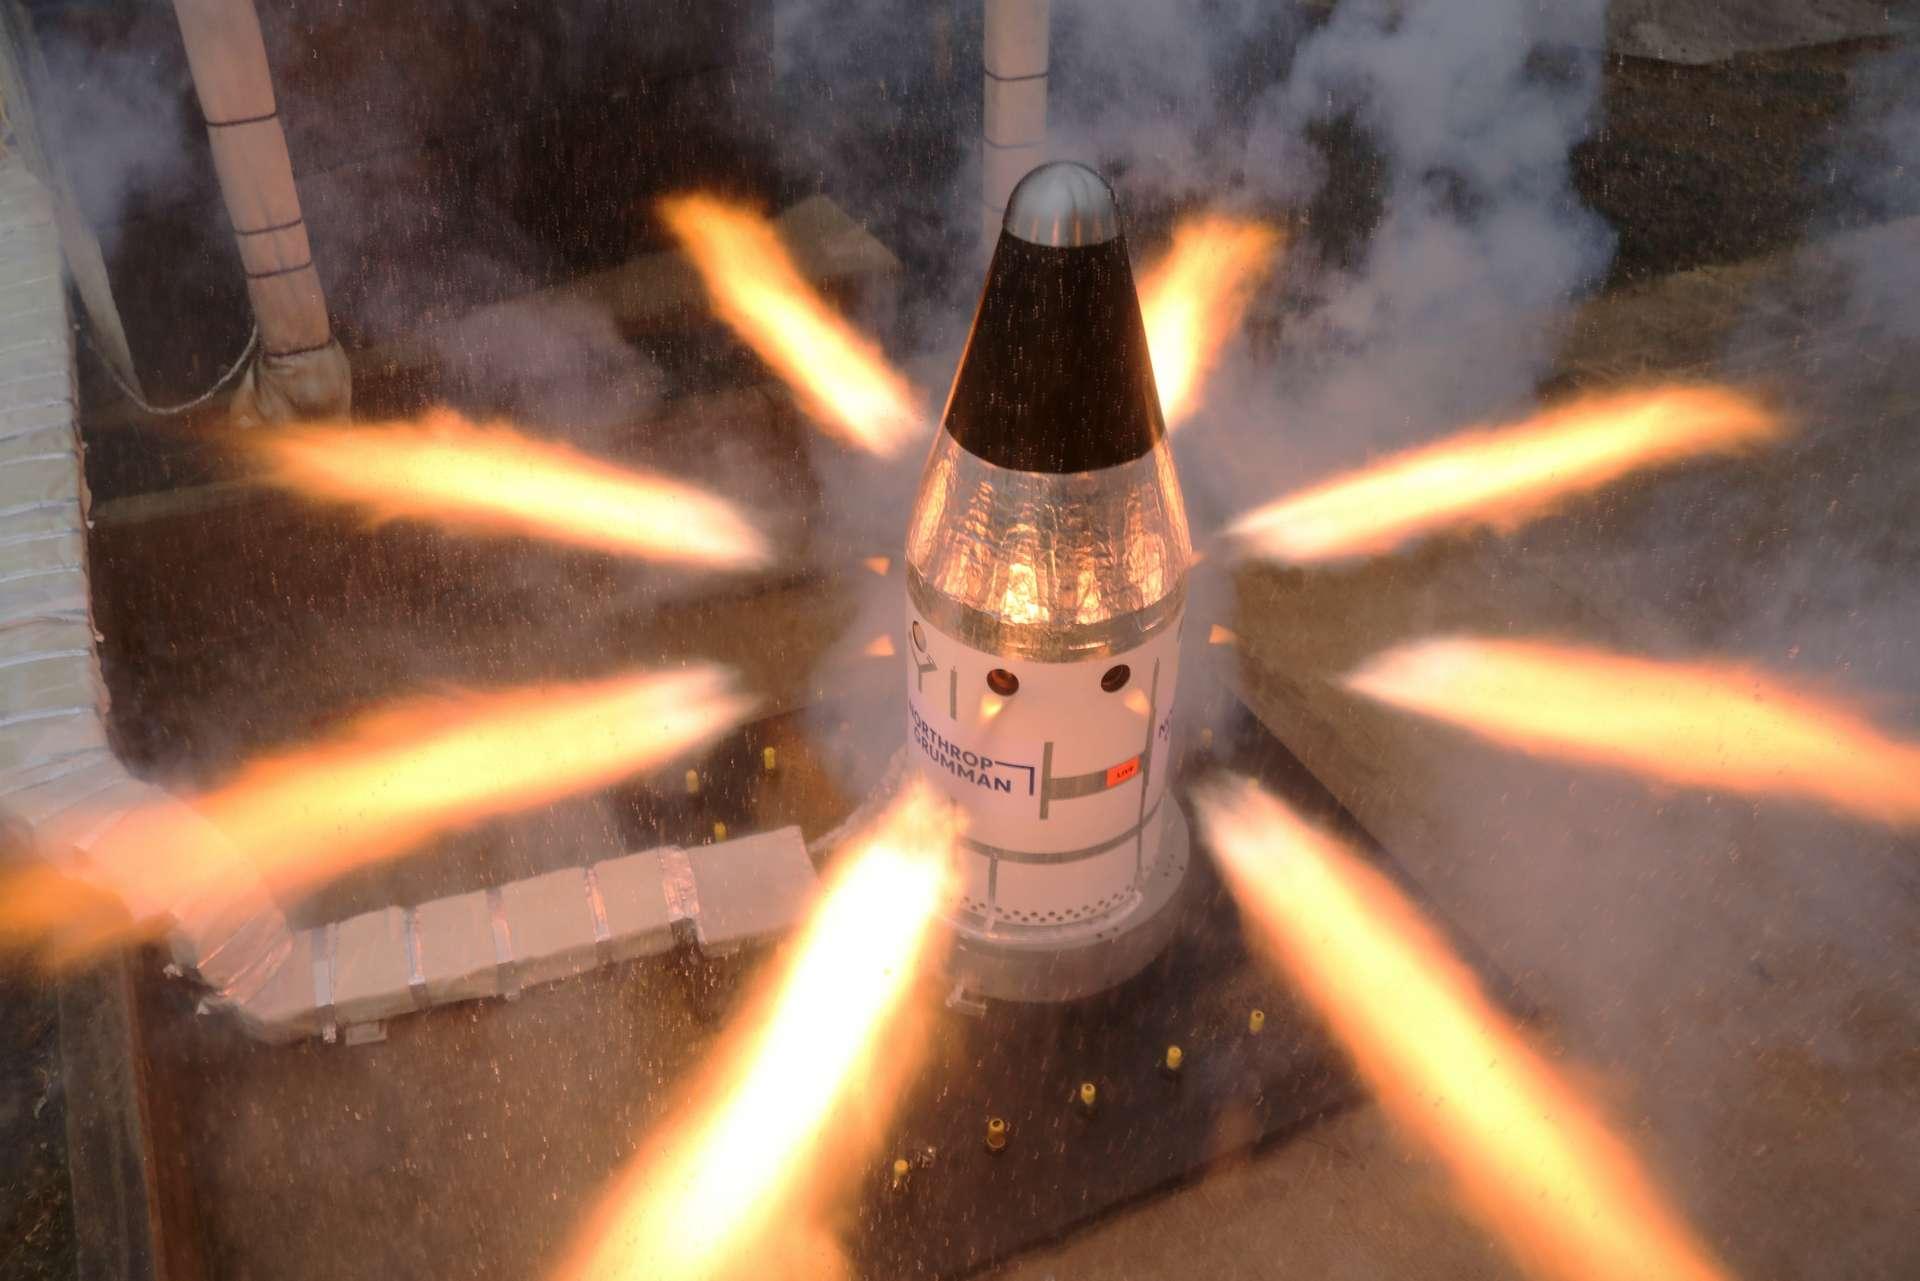 Vidéo : test spectaculaire du système d'abandon de la capsule Orion en vue d'un retour sur la Lune